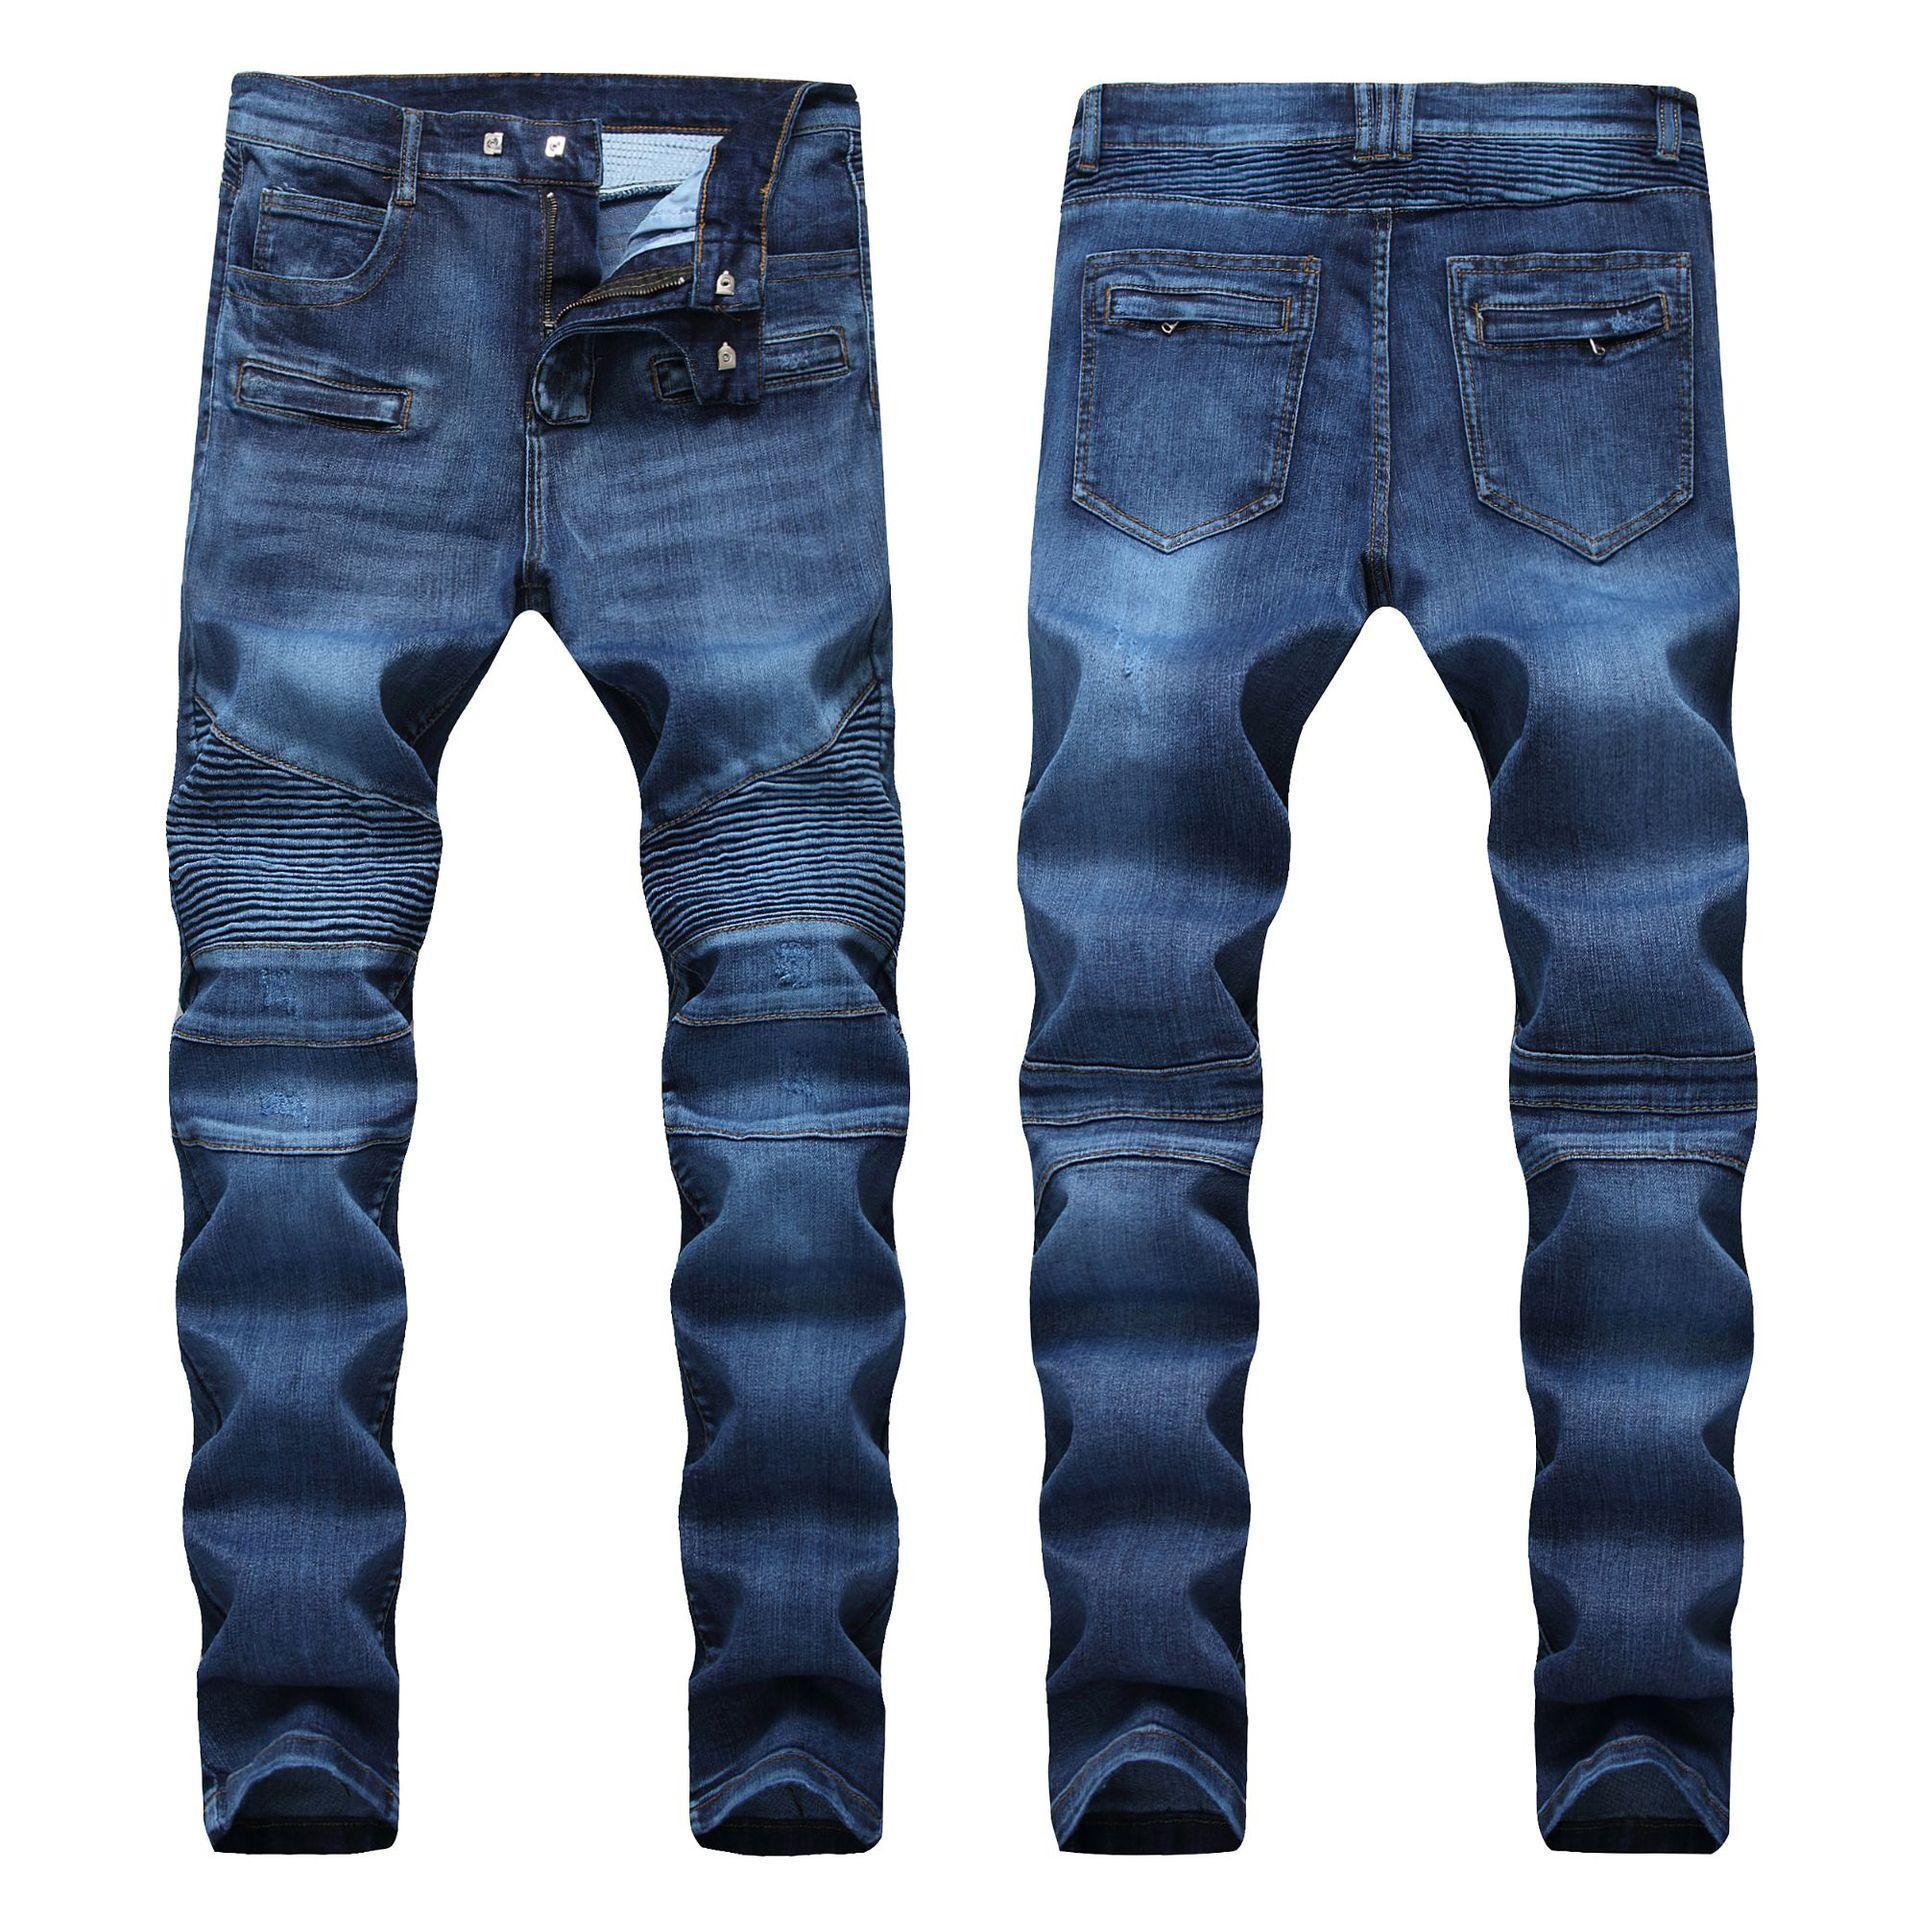 jeans degli uomini design originale Slim moto pantaloni in denim hip hop afflitto i jeans strappati moda magro